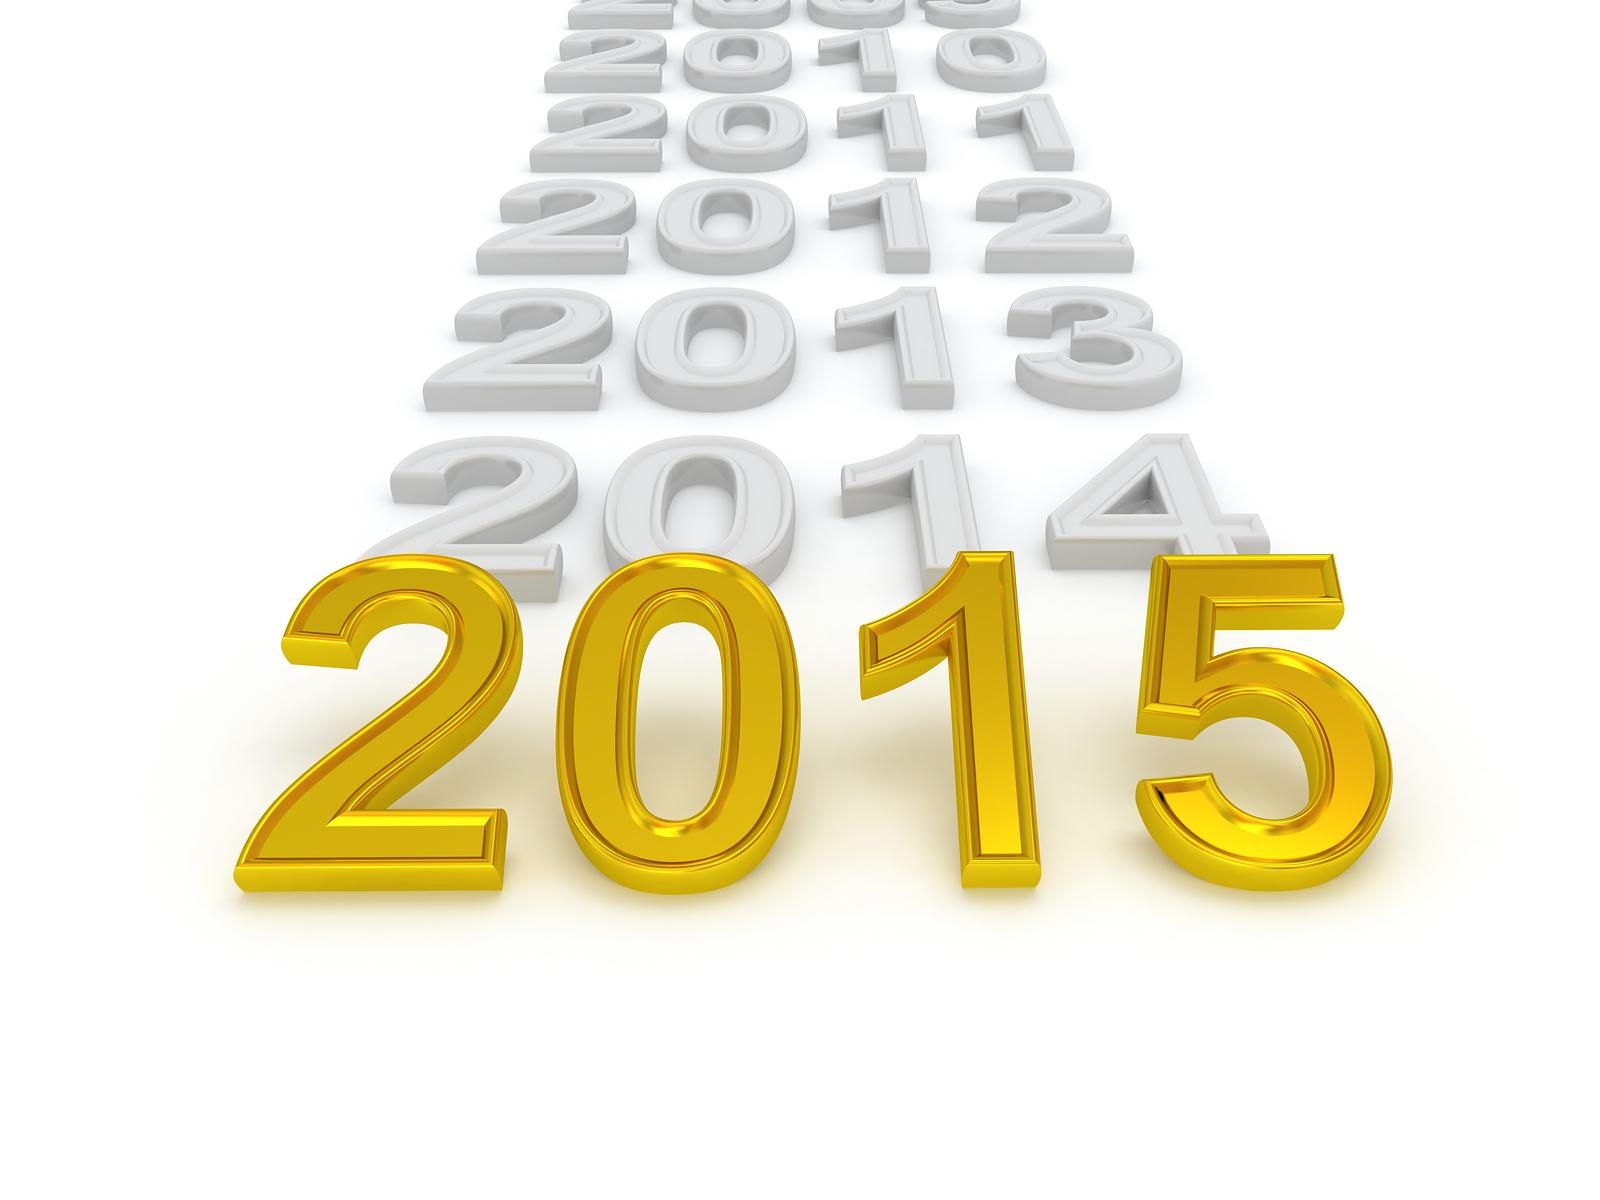 Картинки с надписью 2015 год, февраля для